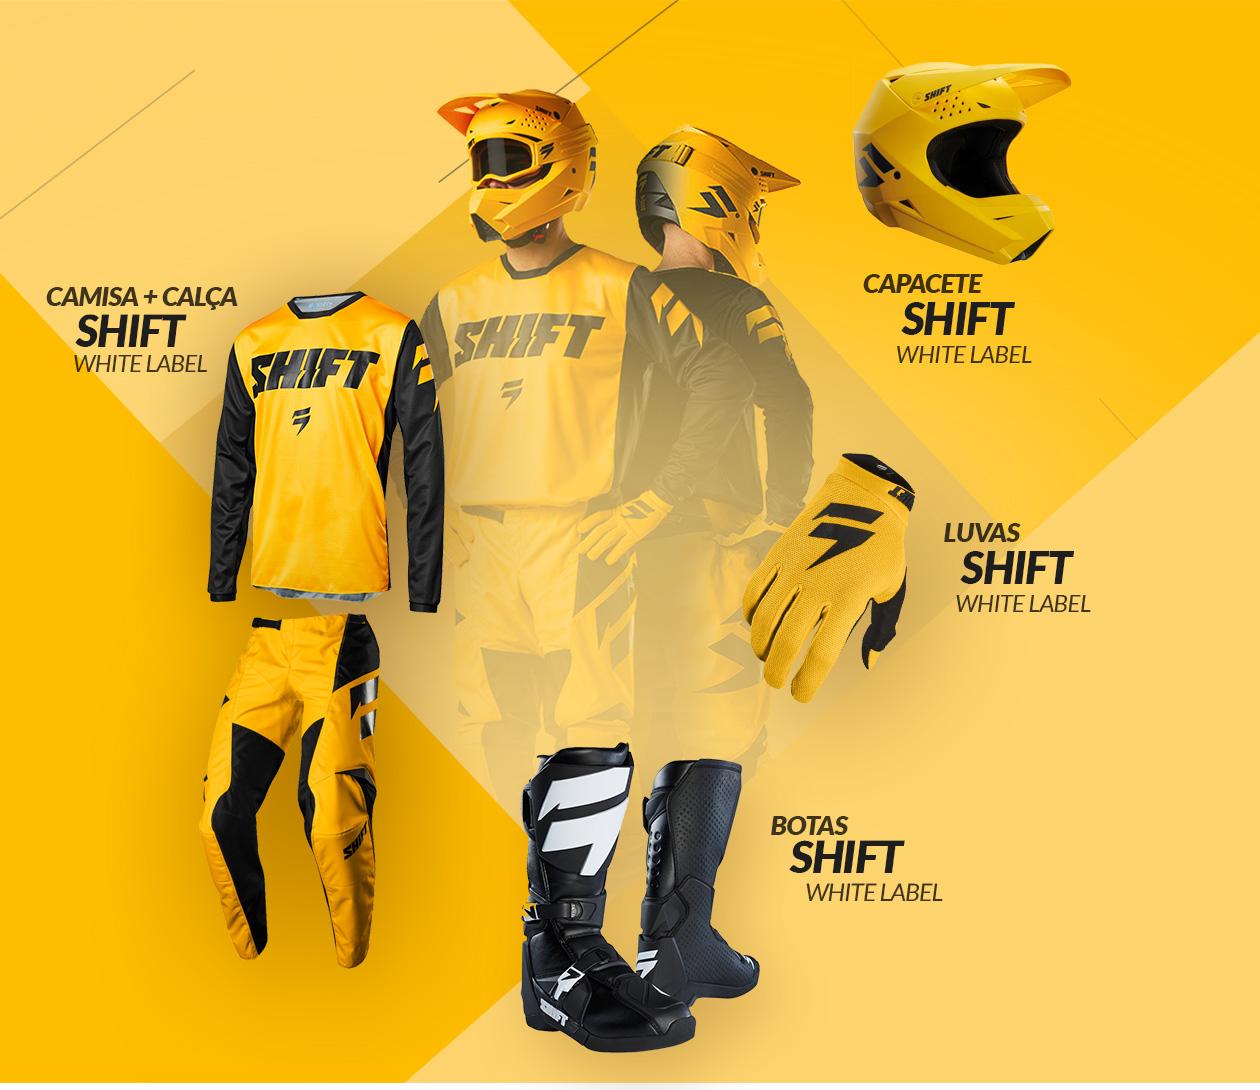 Kit Calça + Camisa, Capacetes, Luva e Bota Shift MX